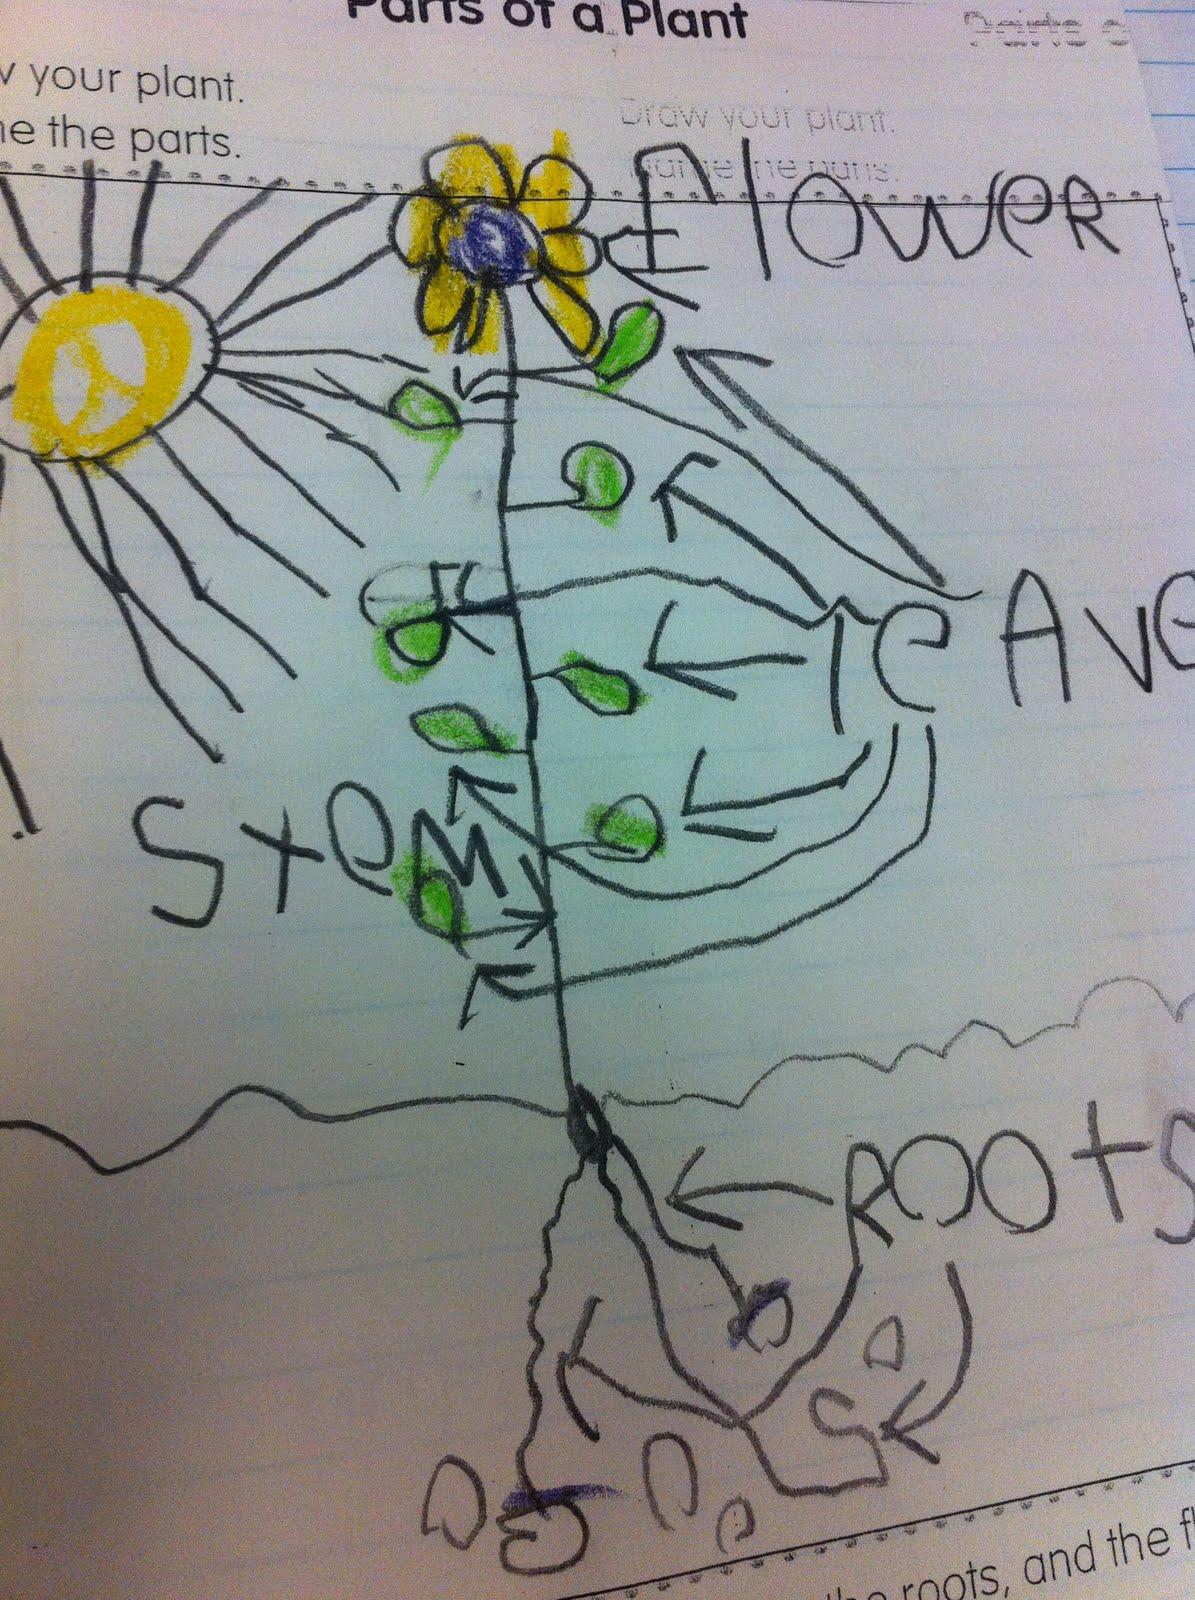 The Adventures Of A K  1 Teacher  Plants Mania